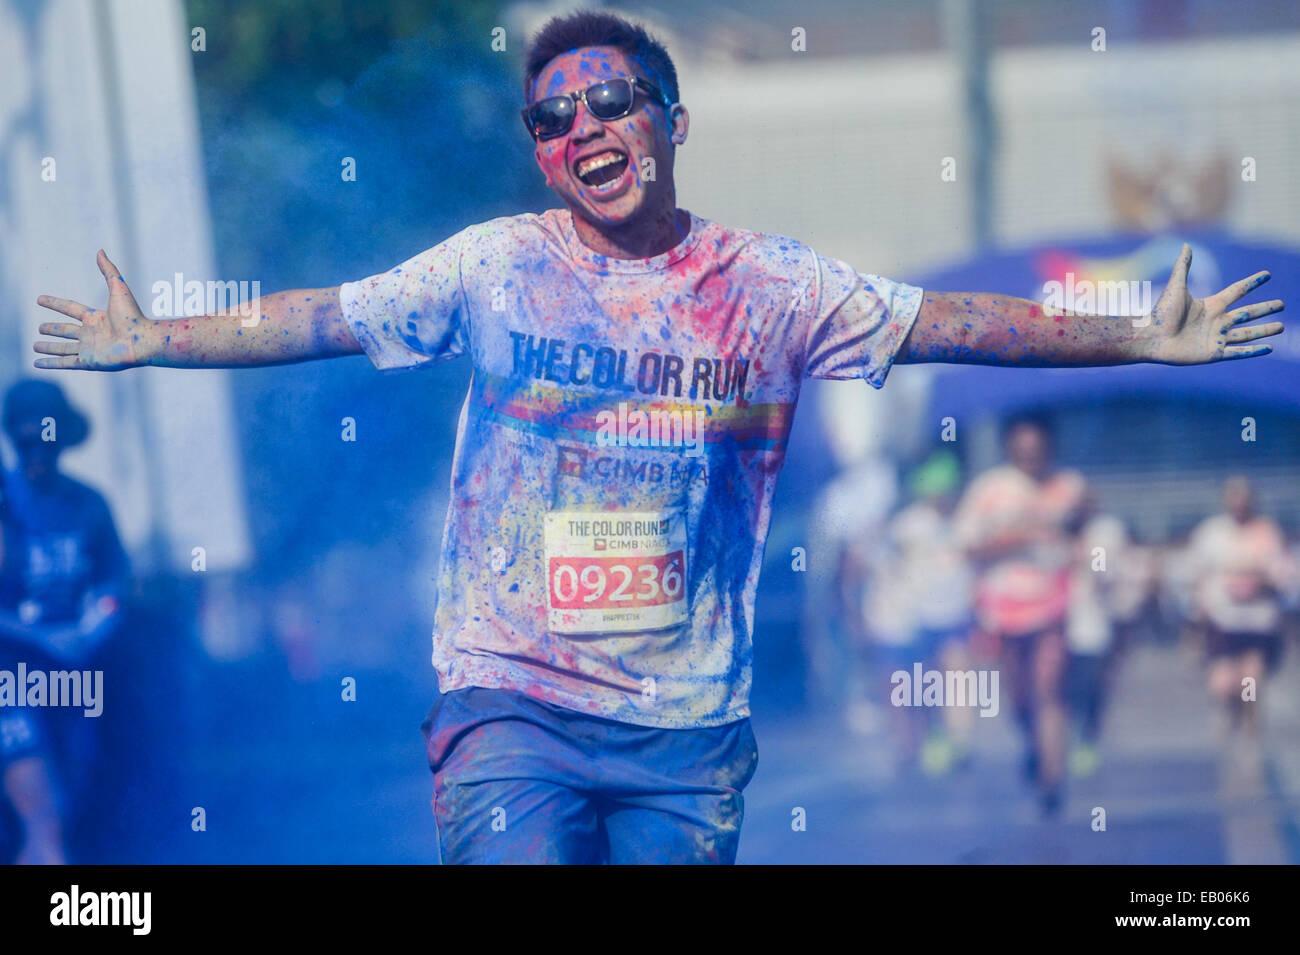 Jakarta, Indonesia. 23 Nov, 2014. Un runner partecipa in un colore per eseguire event di Jakarta, Indonesia, nov. Immagini Stock